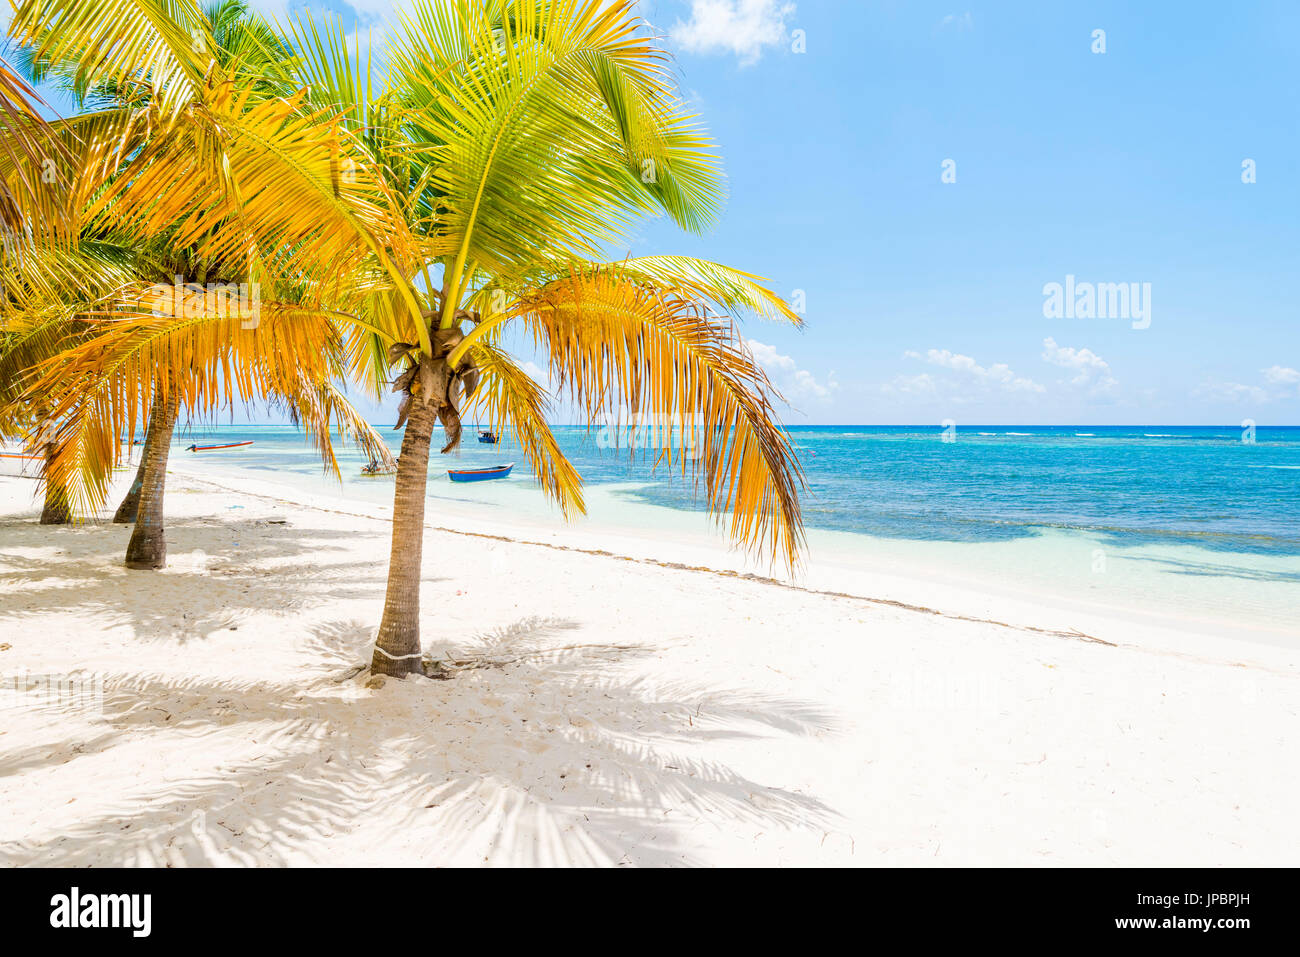 Juan Mano, l'île de Saona, à l'Est Parc National (Parque Nacional del Este), la République dominicaine, la mer des Caraïbes. Photo Stock